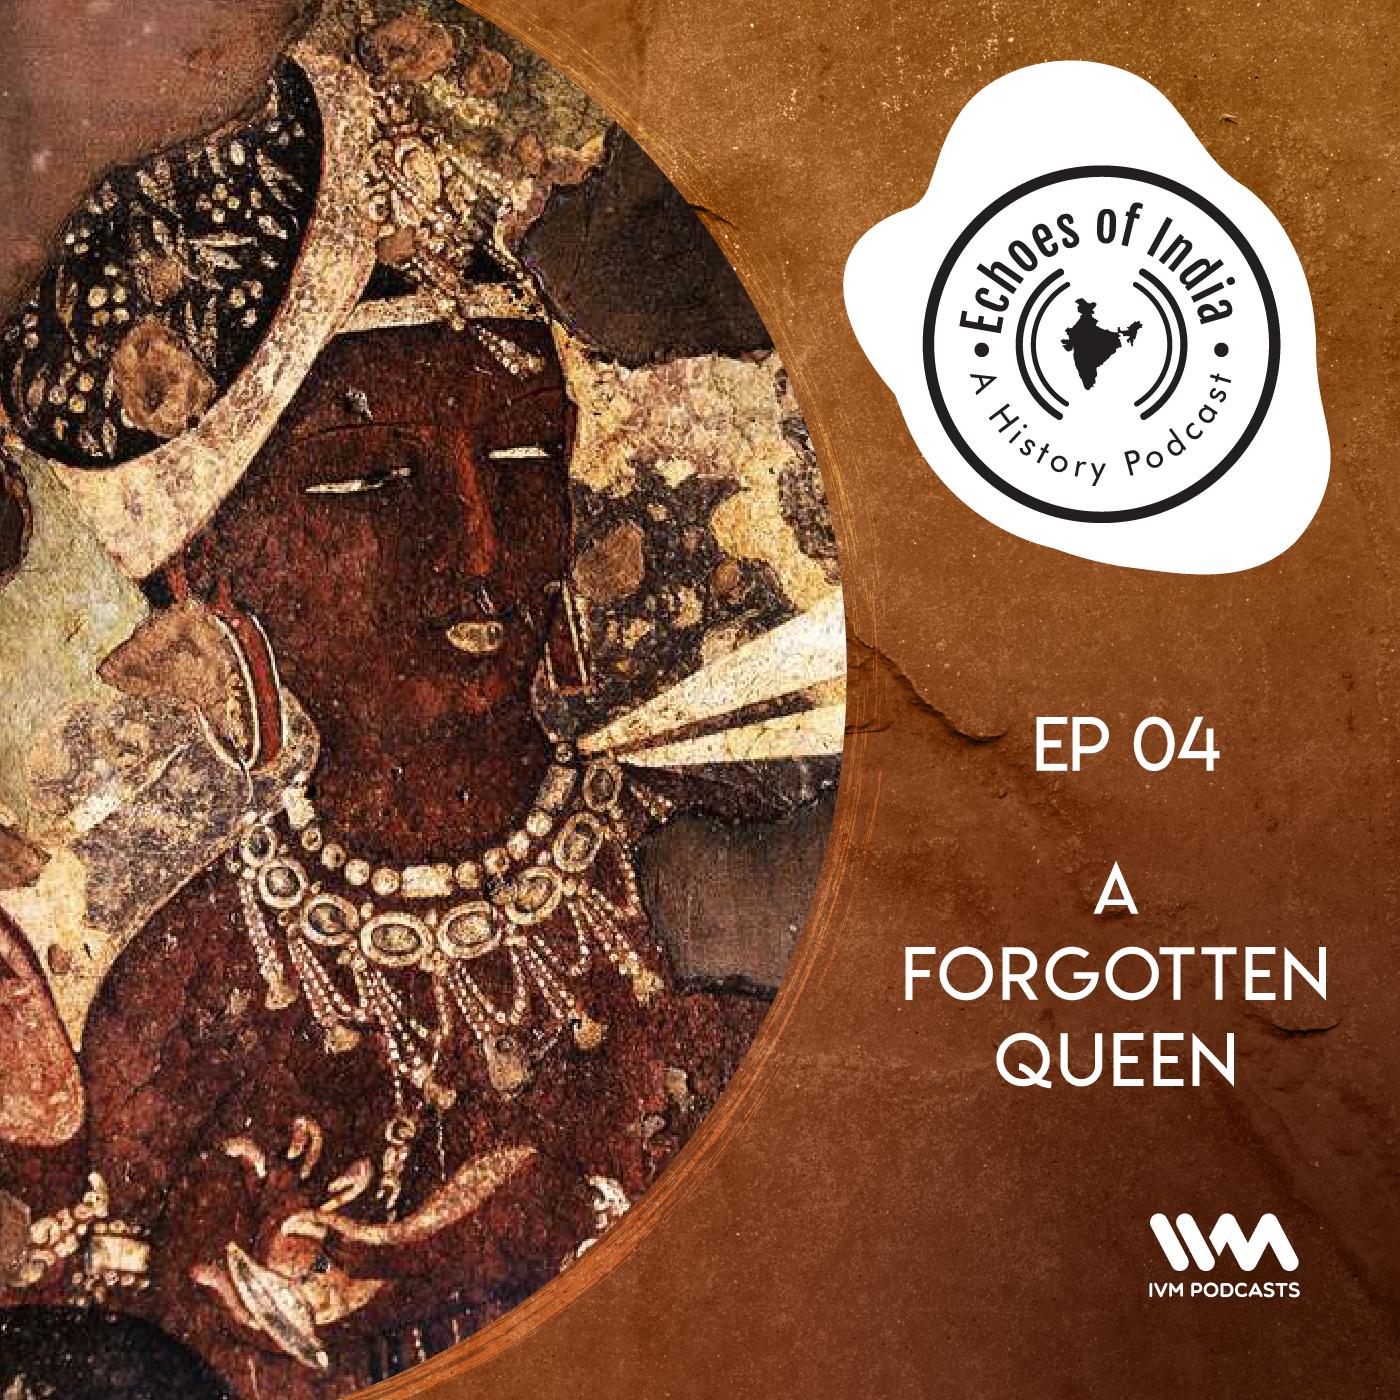 S02 E04: A Forgotten Queen